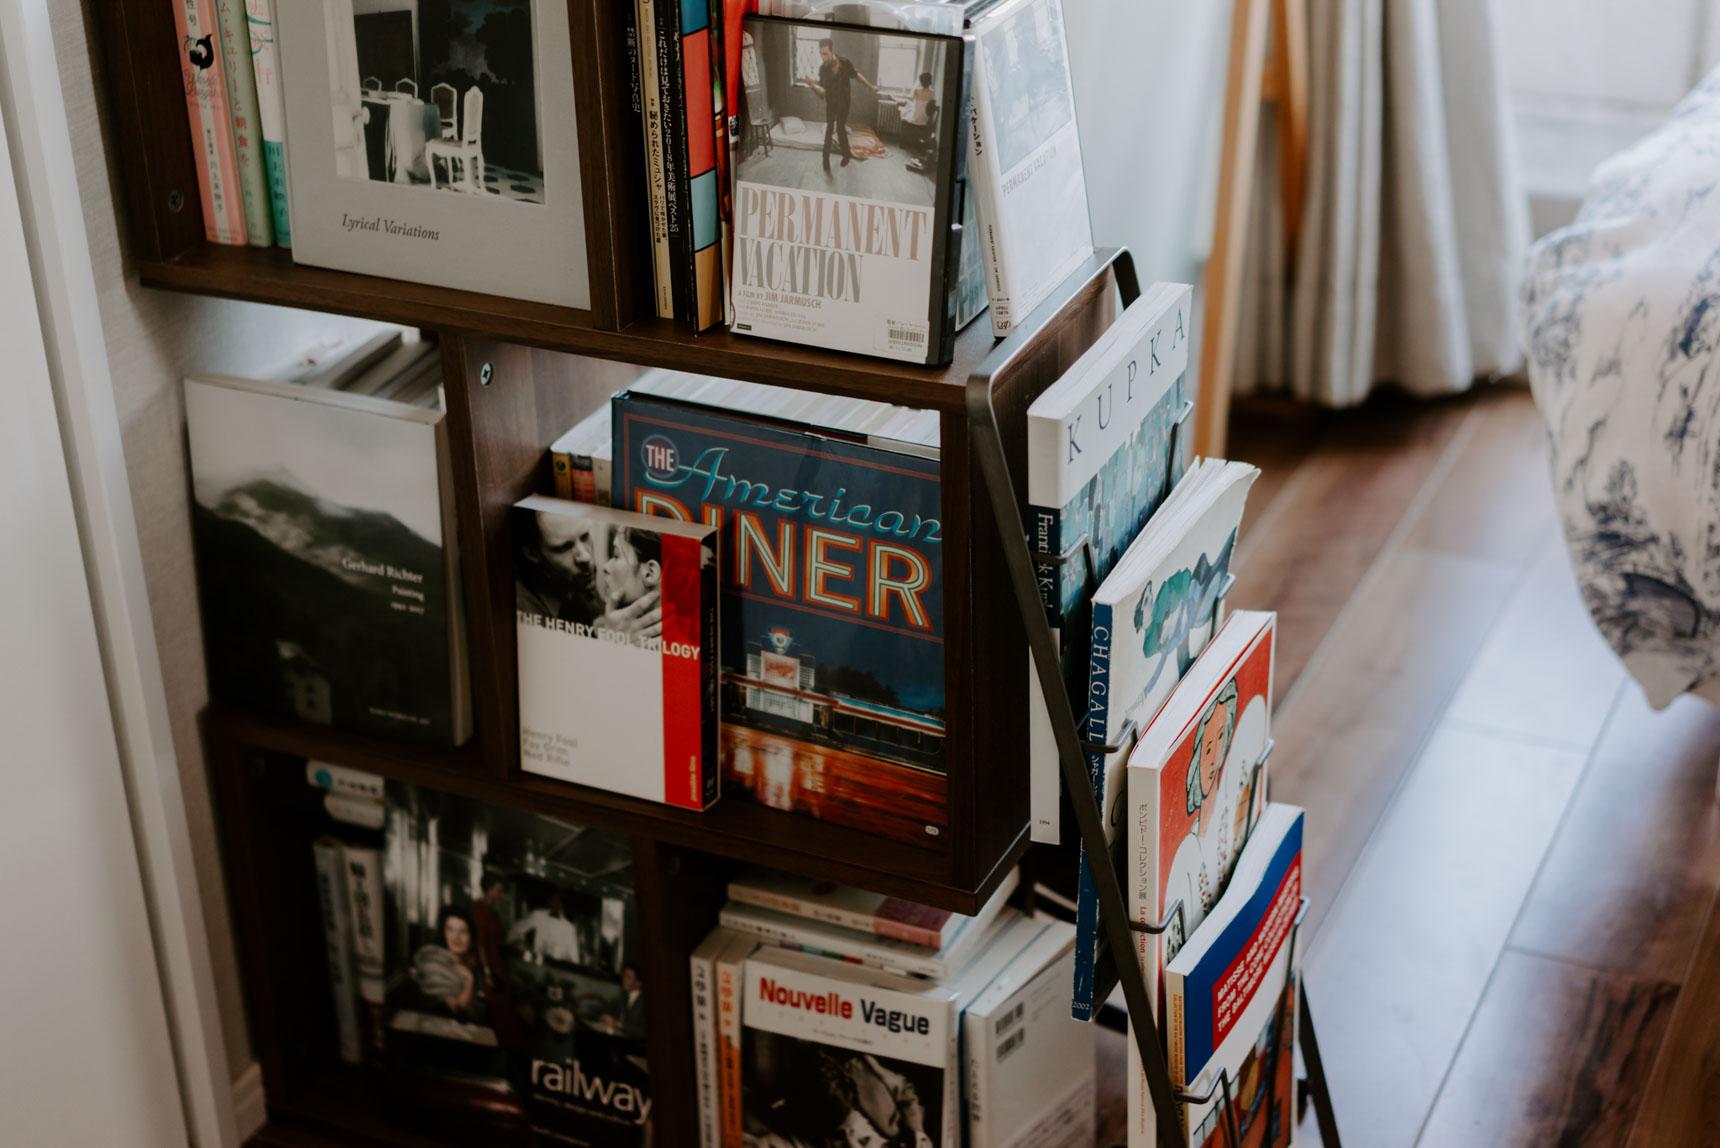 おしゃれな本を手前に平置きにして、漫画はその後ろに。(このお部屋はこちら)